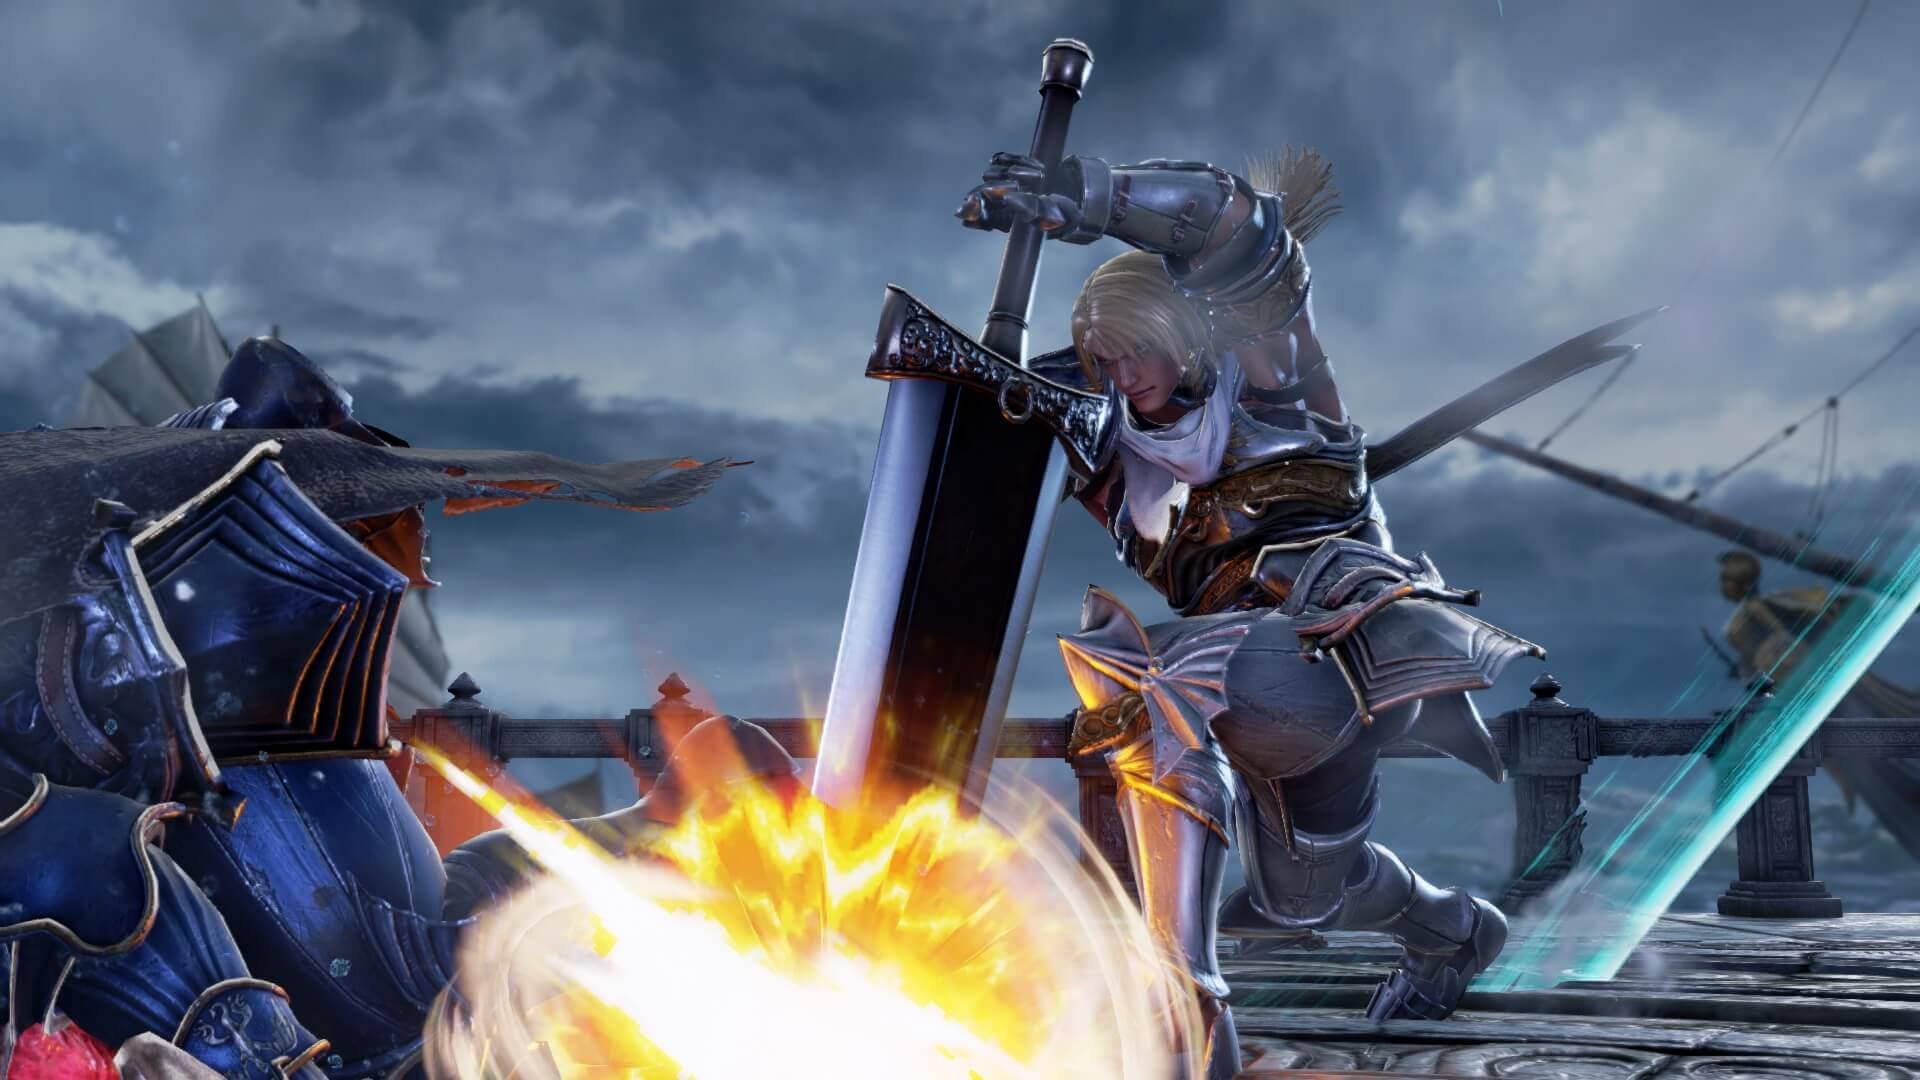 Soulcalibur VI Siegfred Screen 12